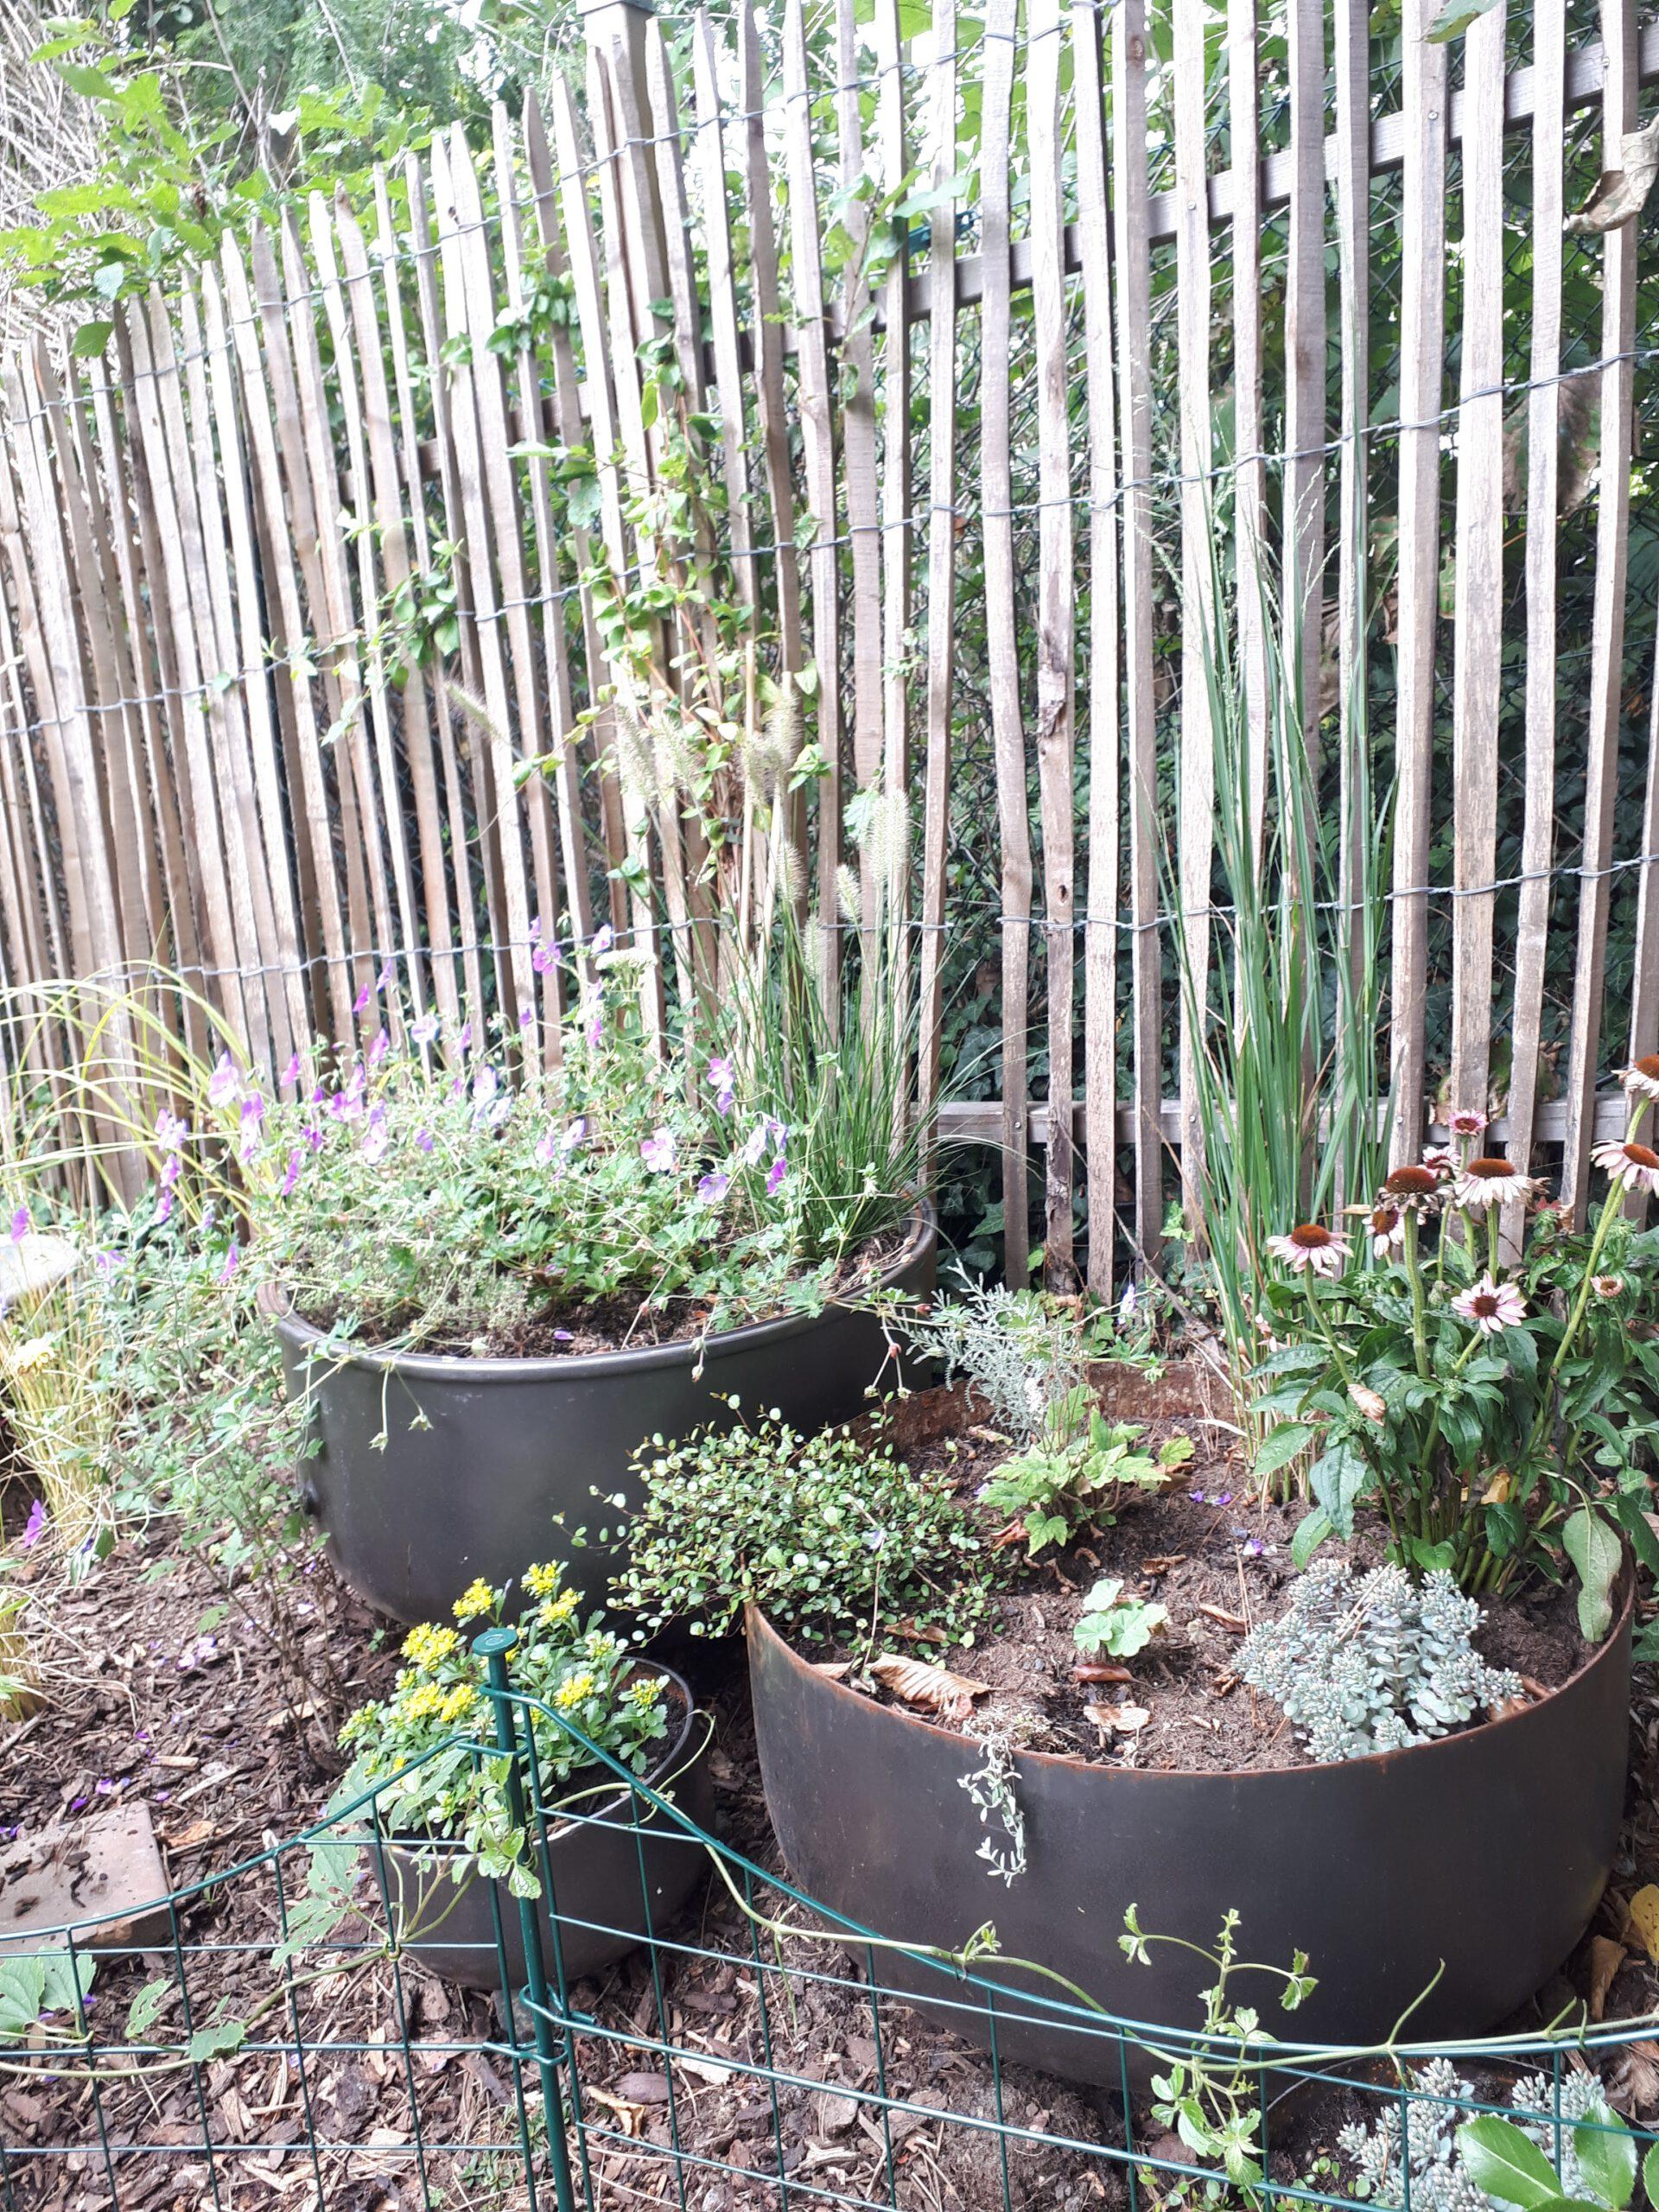 Die vormaligen Miniteiche sind nun bepflanzt um den schwierigen Standort doch noch zu begrünen